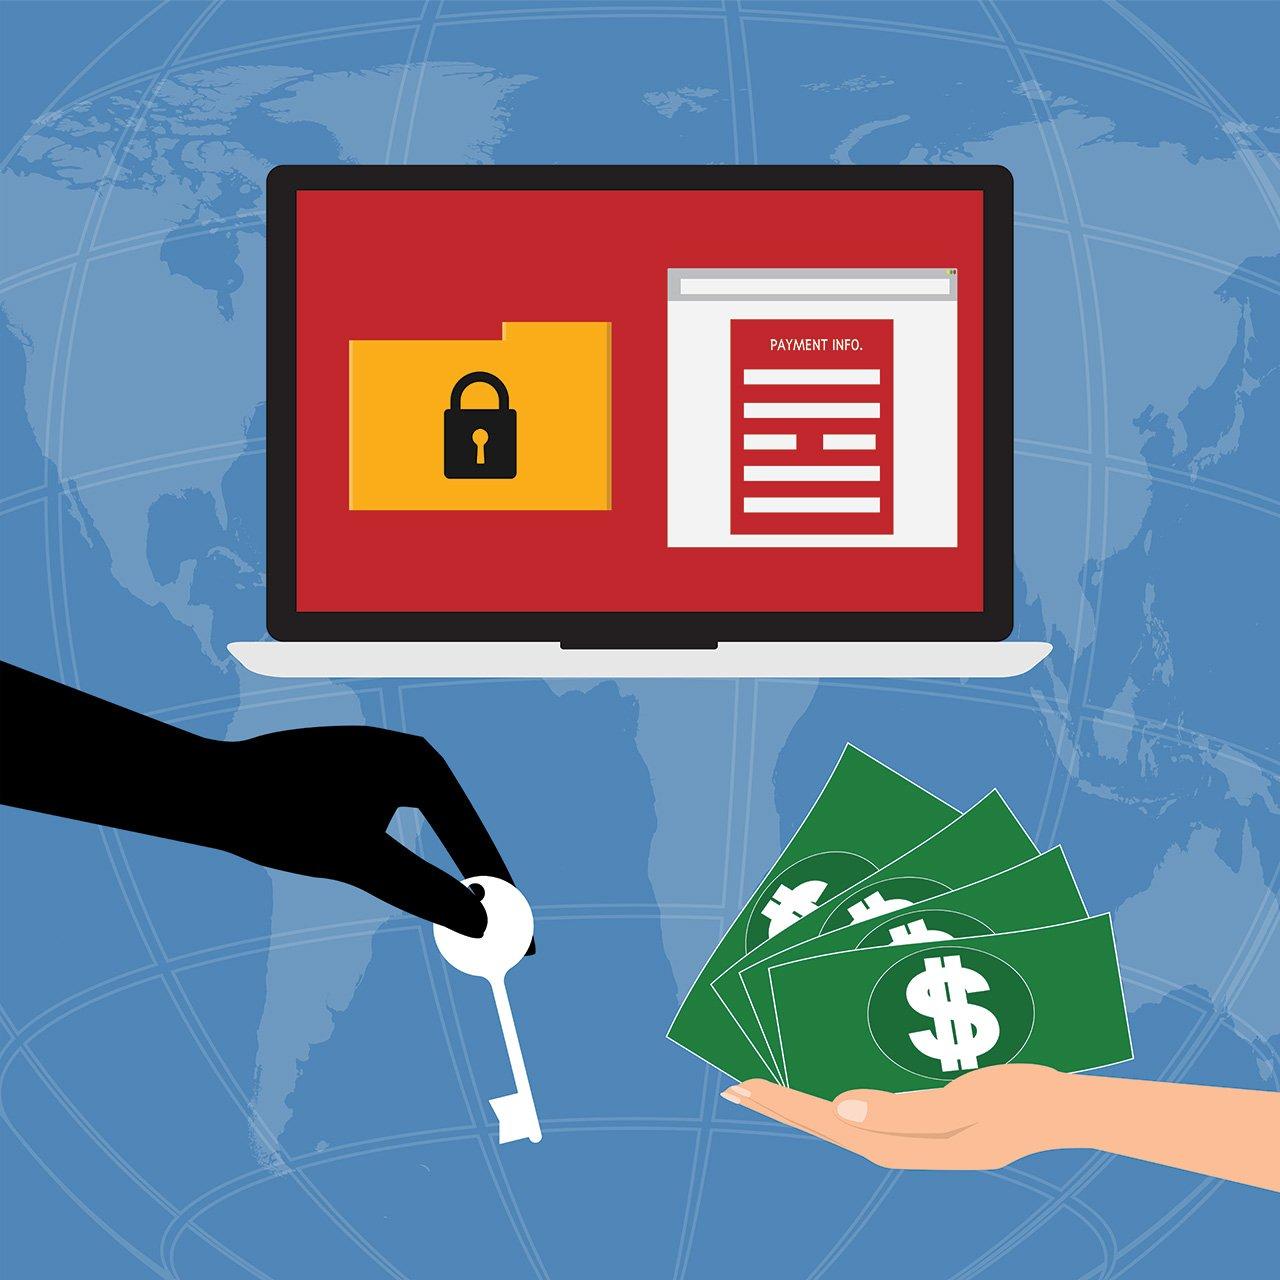 Cresce no Brasil o crime de sequestro de dados, cuidado com o Ransomware